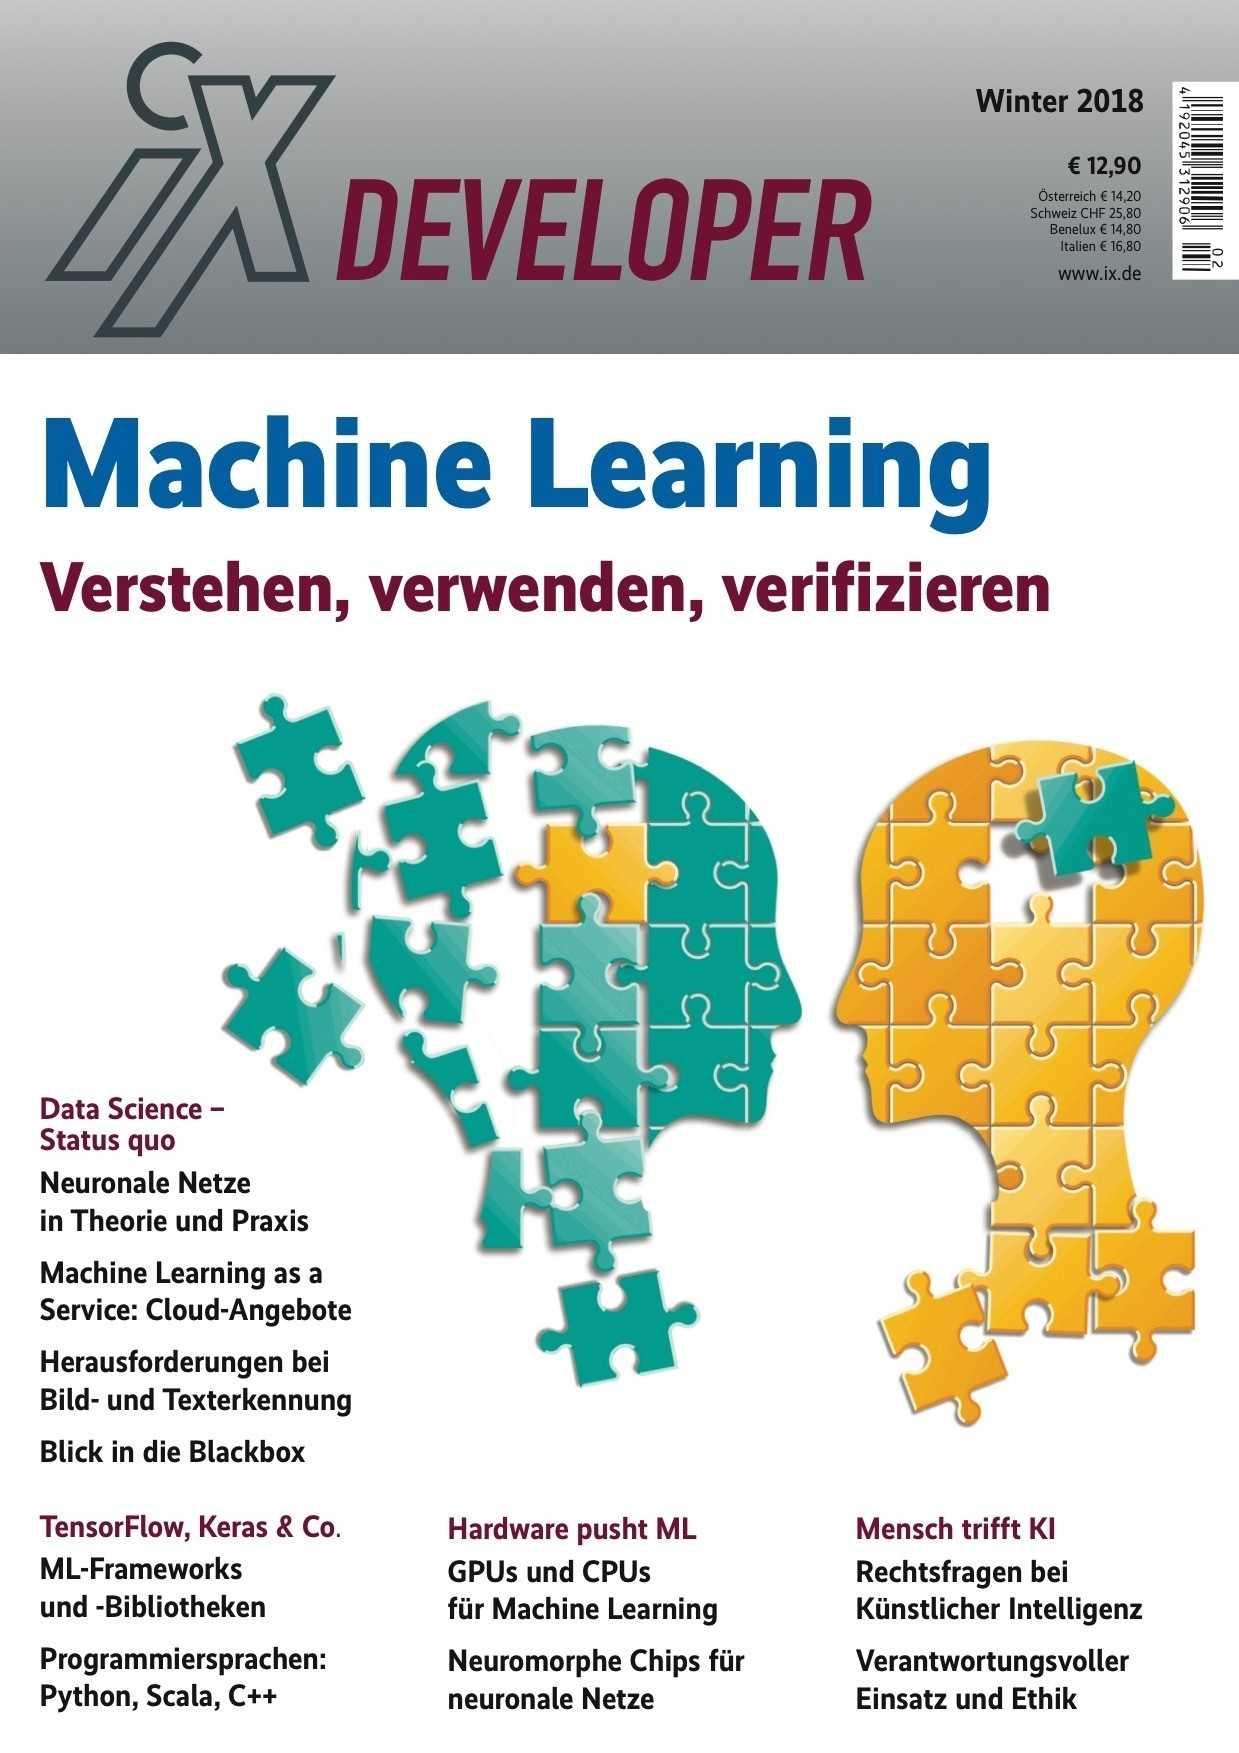 Auf 158 Seiten gibt das Sonderheft einen technischen Einblick in diverse Themen rund um Machine Learning.